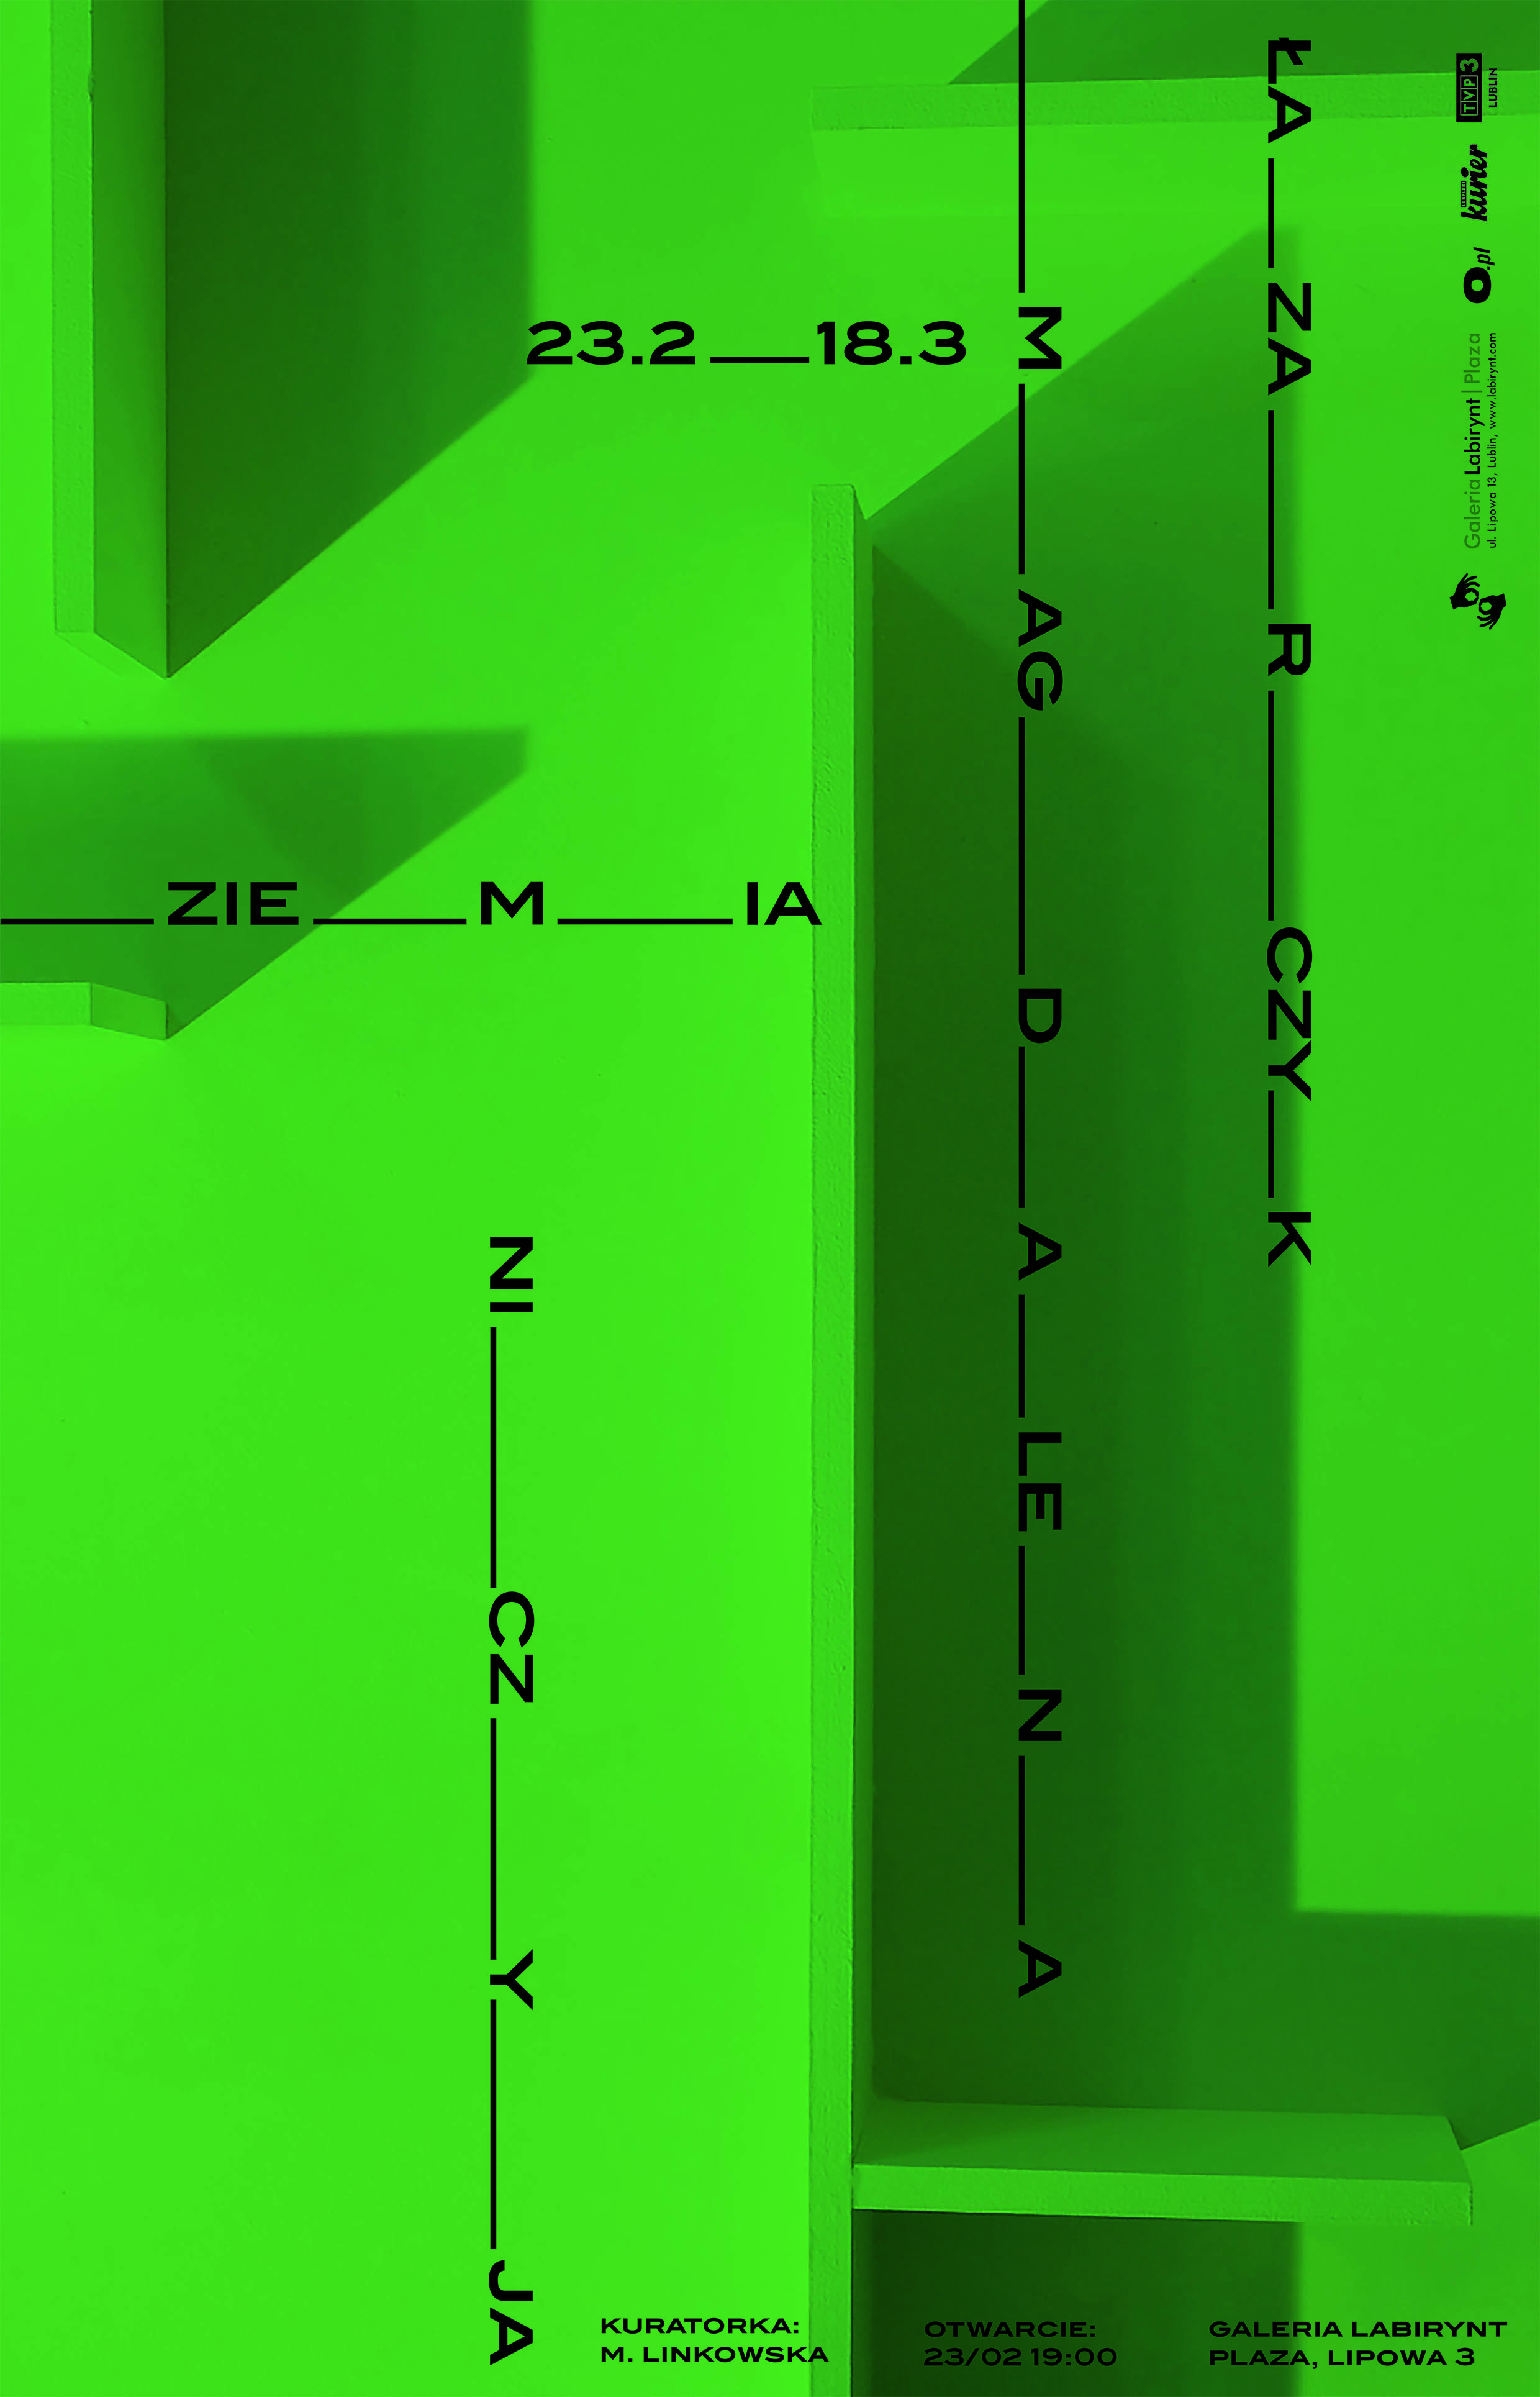 MSZ_MŁ_ziemia-niczyja_715x1115_print_control